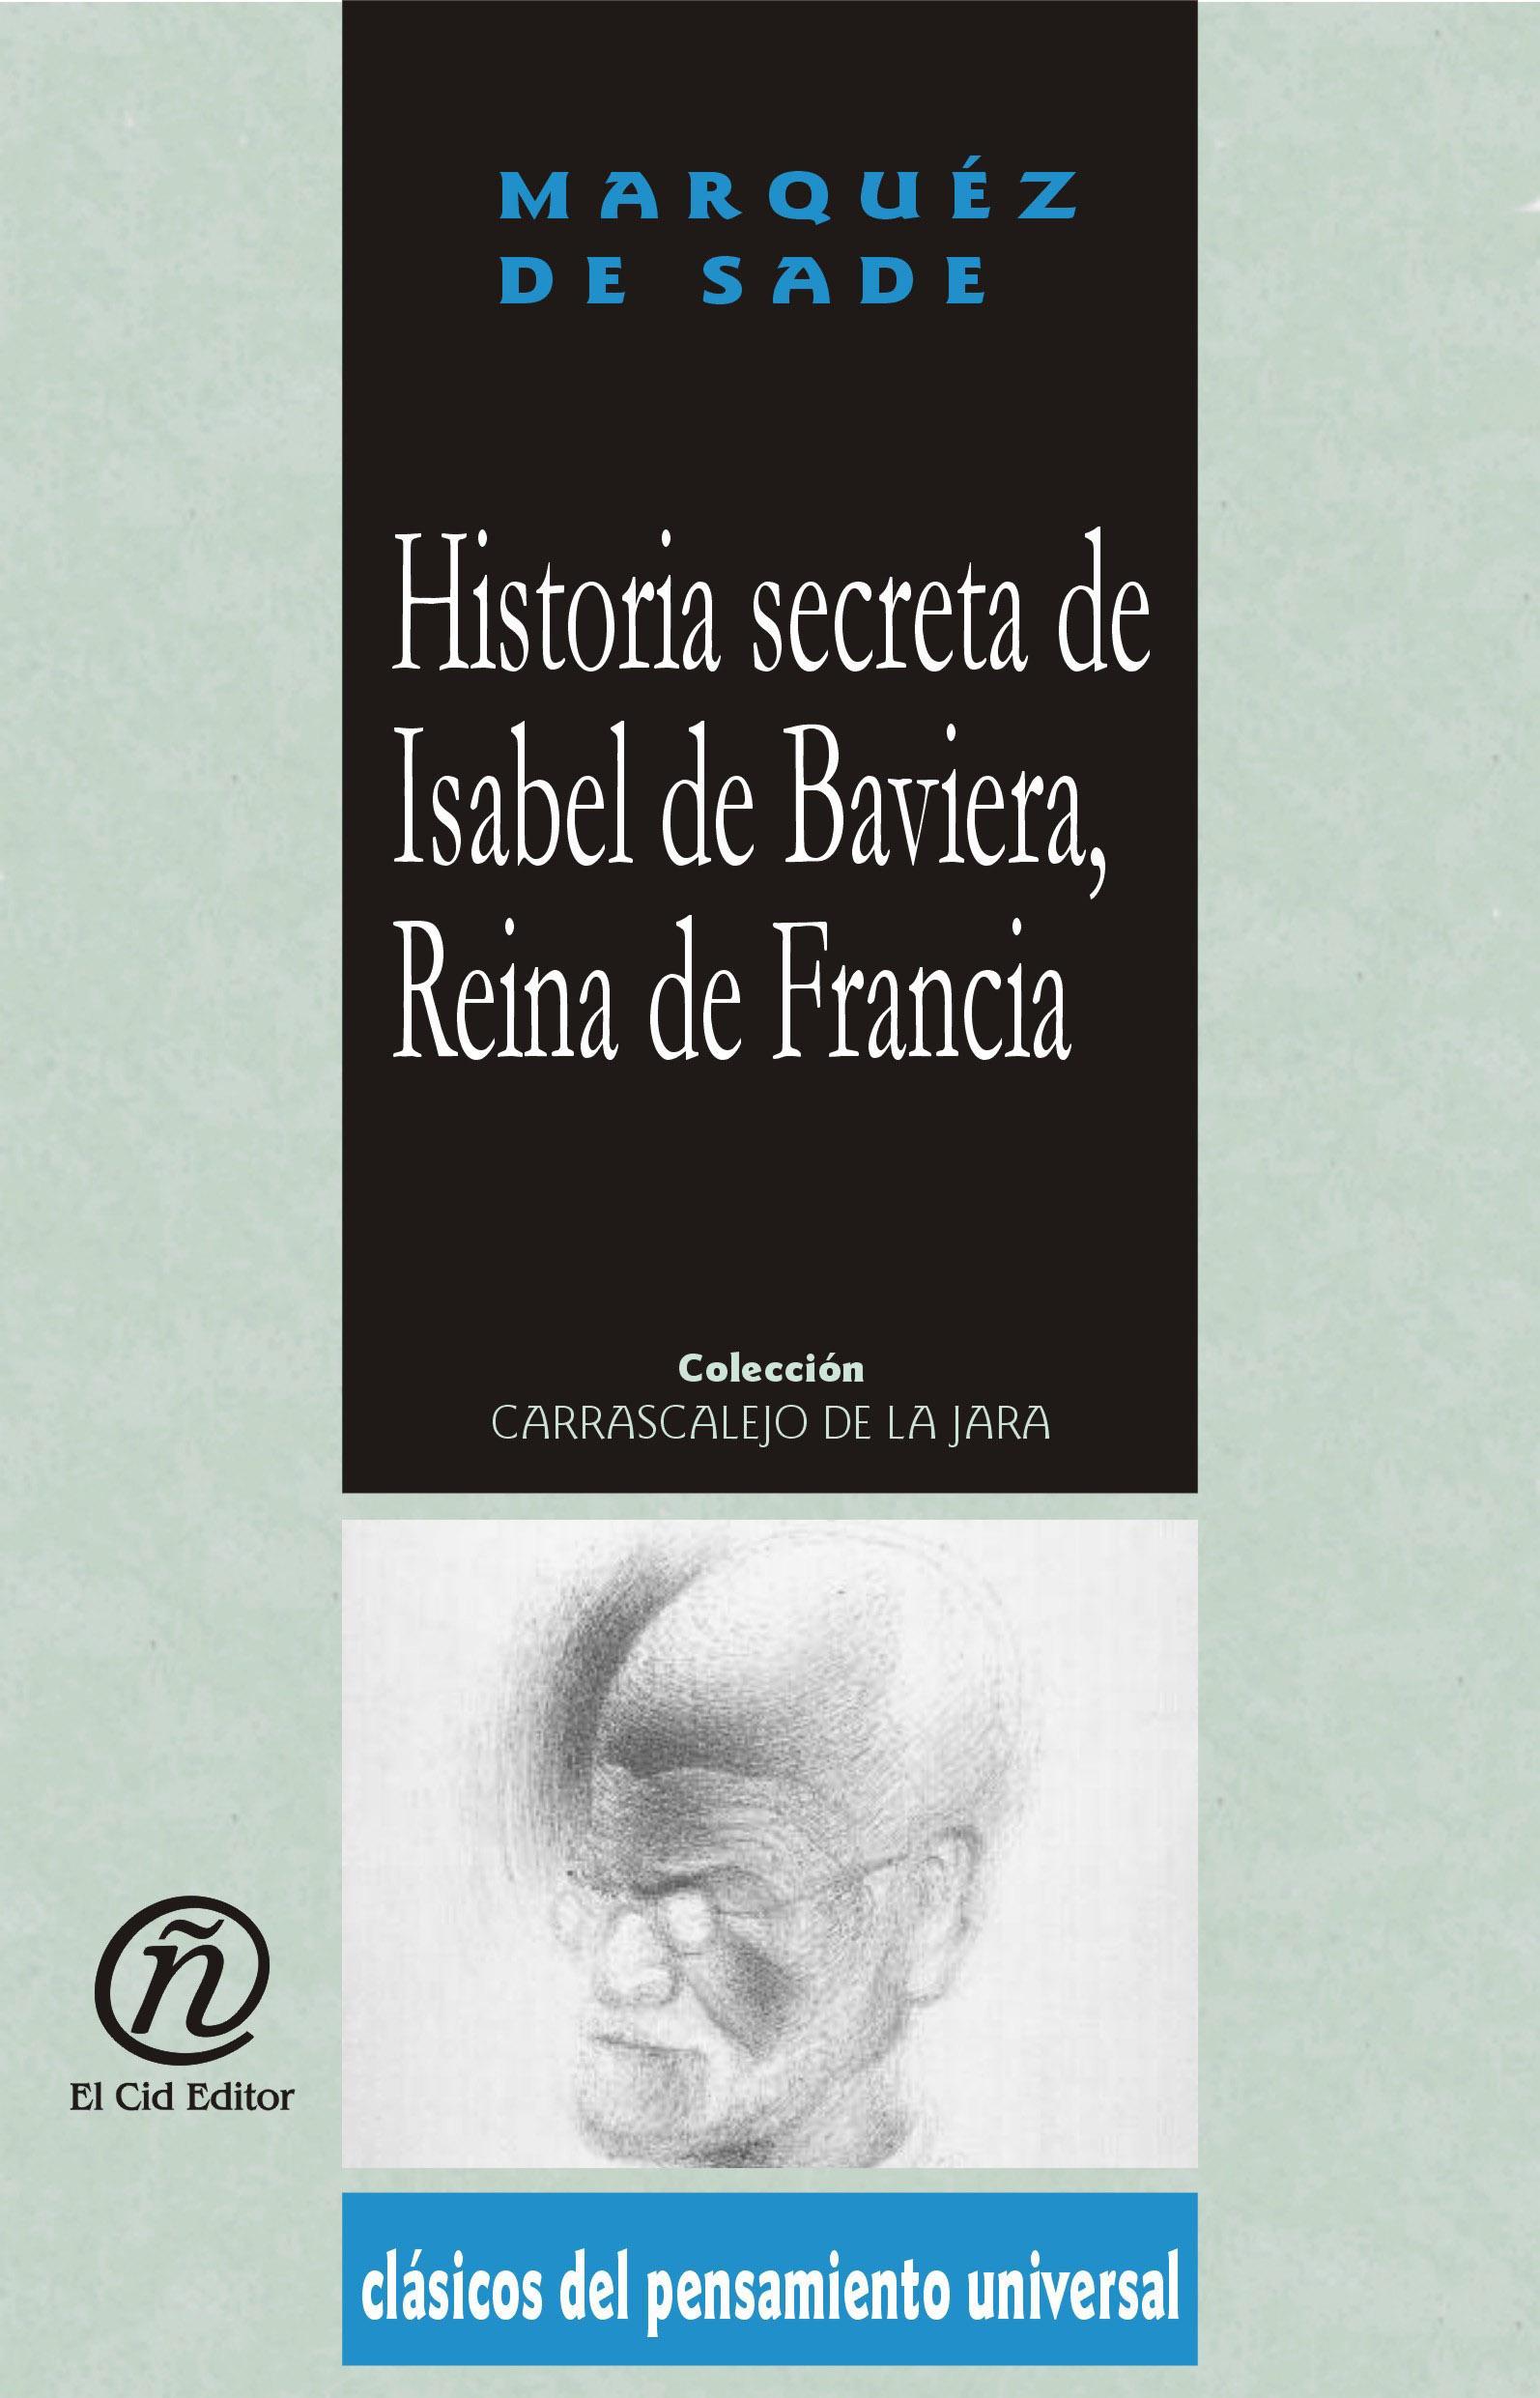 Historia secreta de Isabel de Baviera, Reina de Francia: Colecci?n de Cl?sicos del Pensamiento Universal